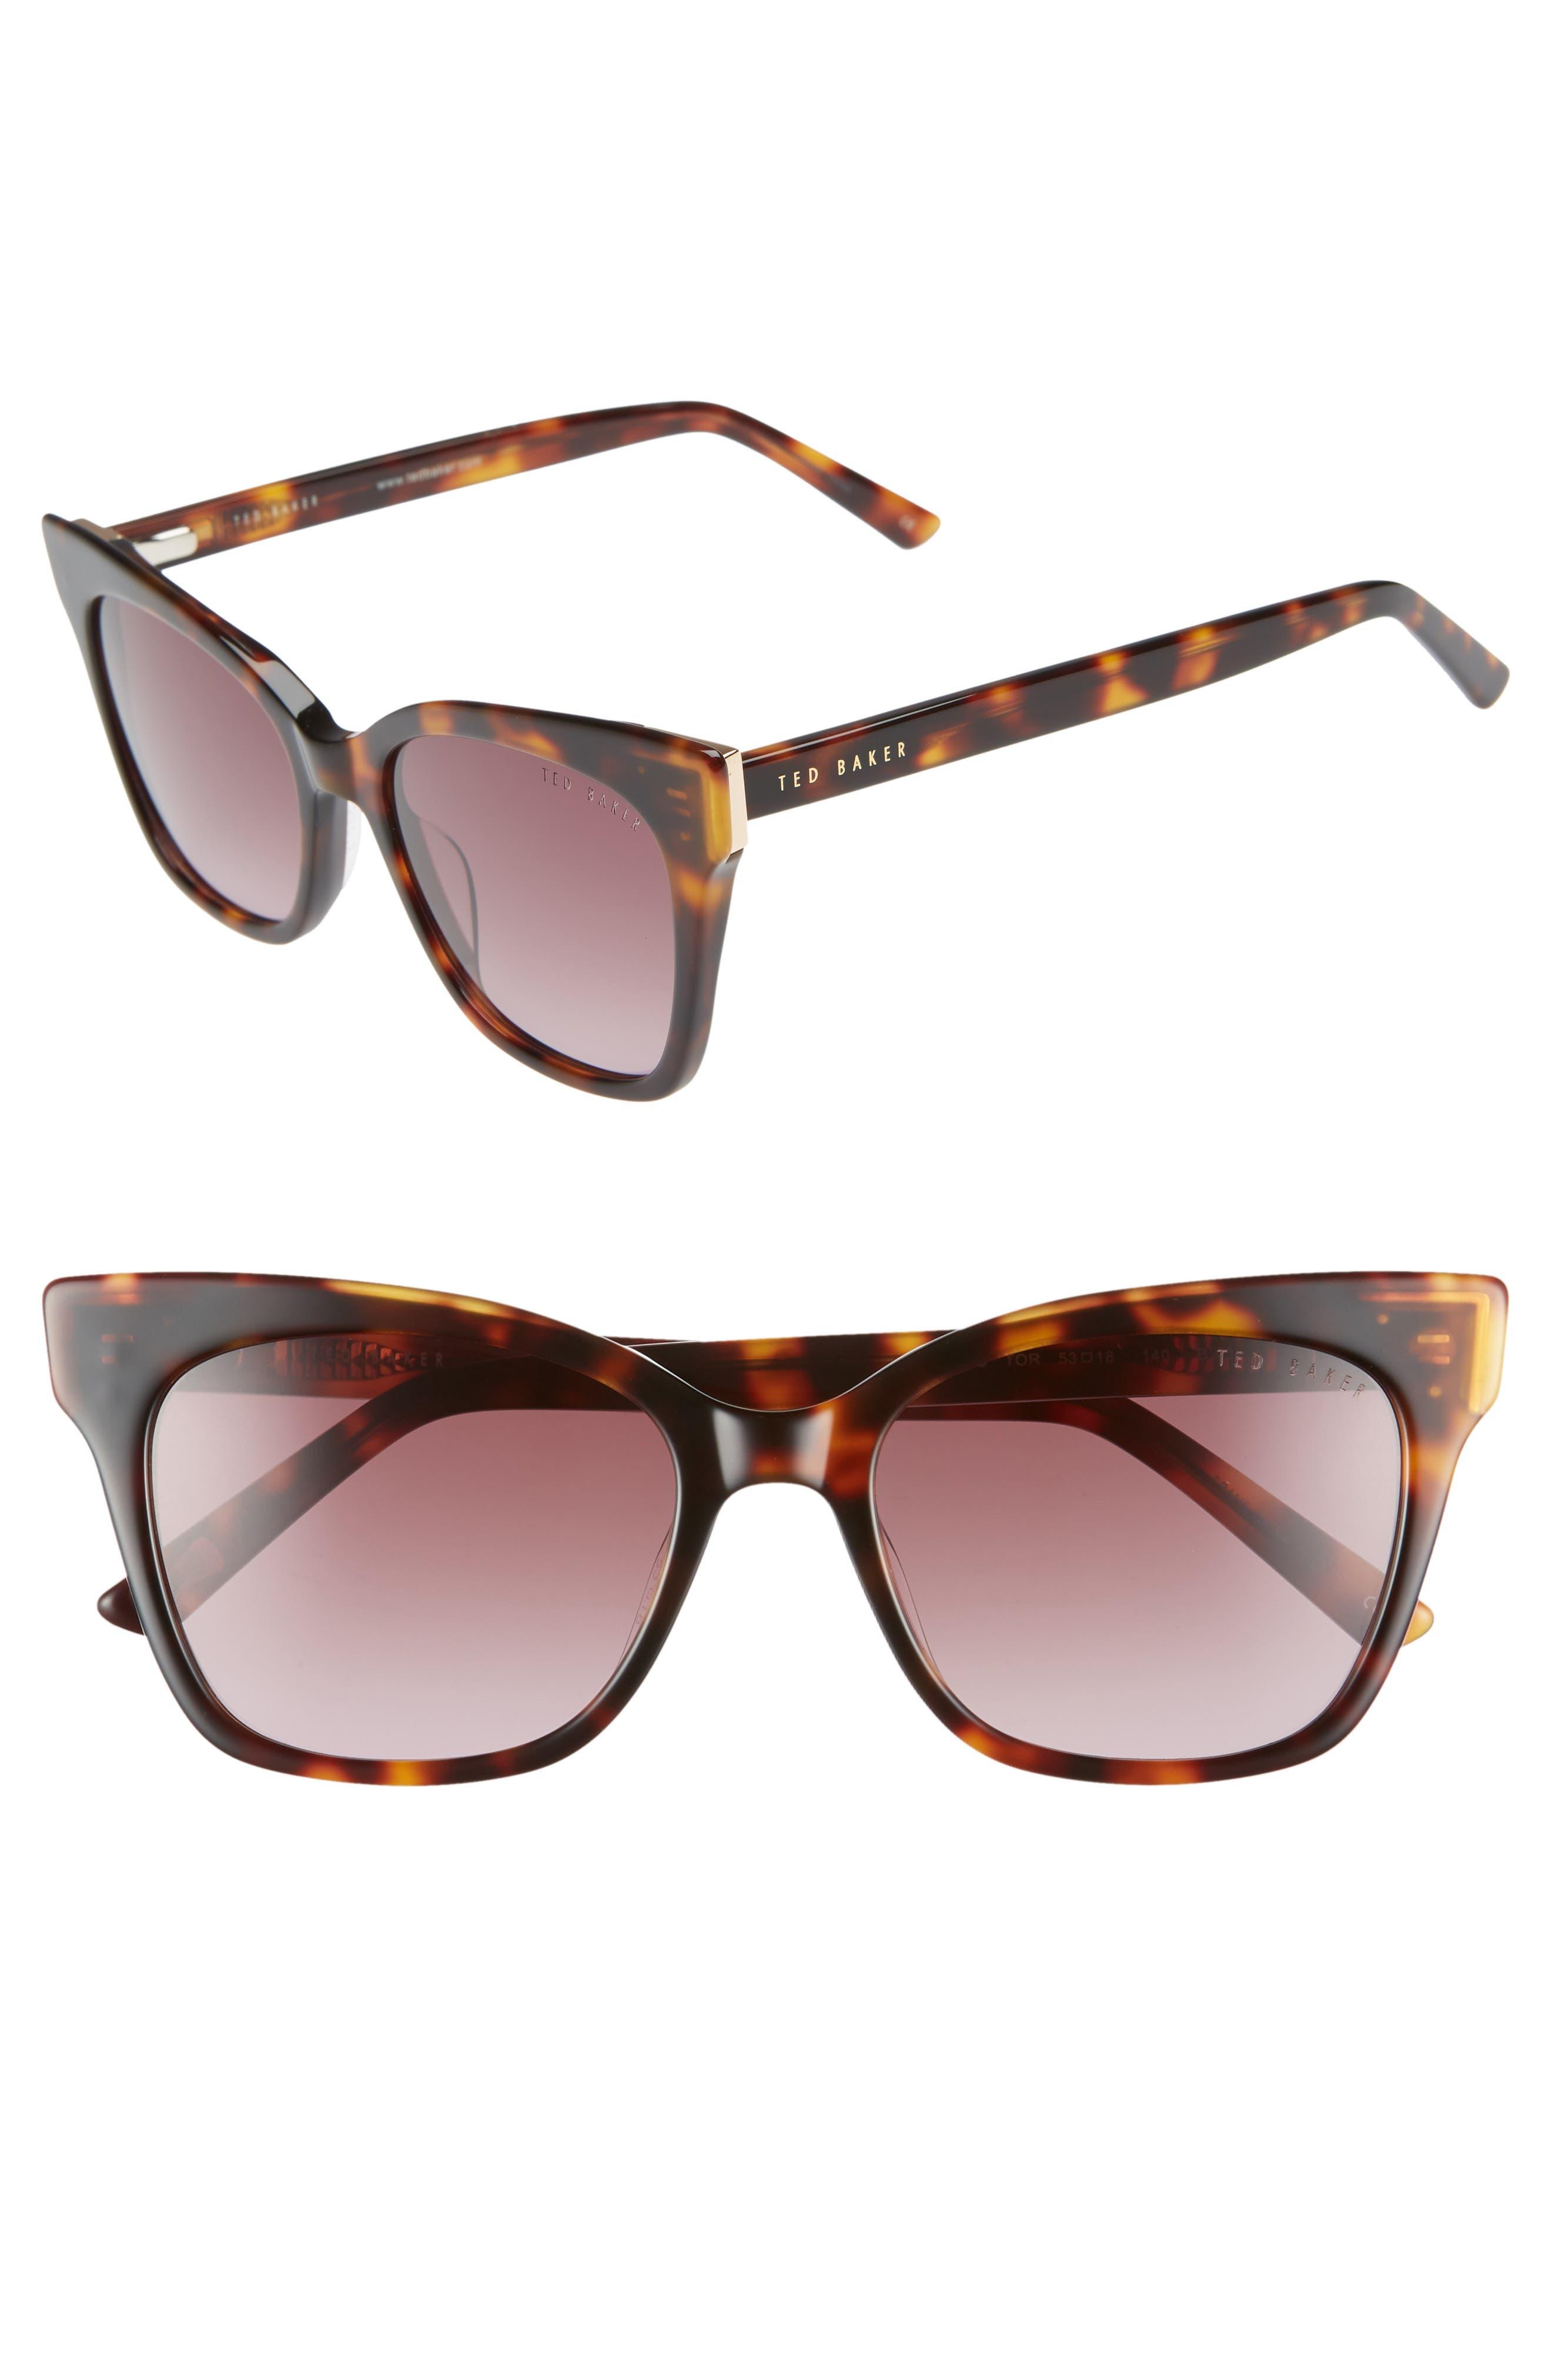 53mm Square Cat Eye Sunglasses,                             Main thumbnail 1, color,                             TORTOISE